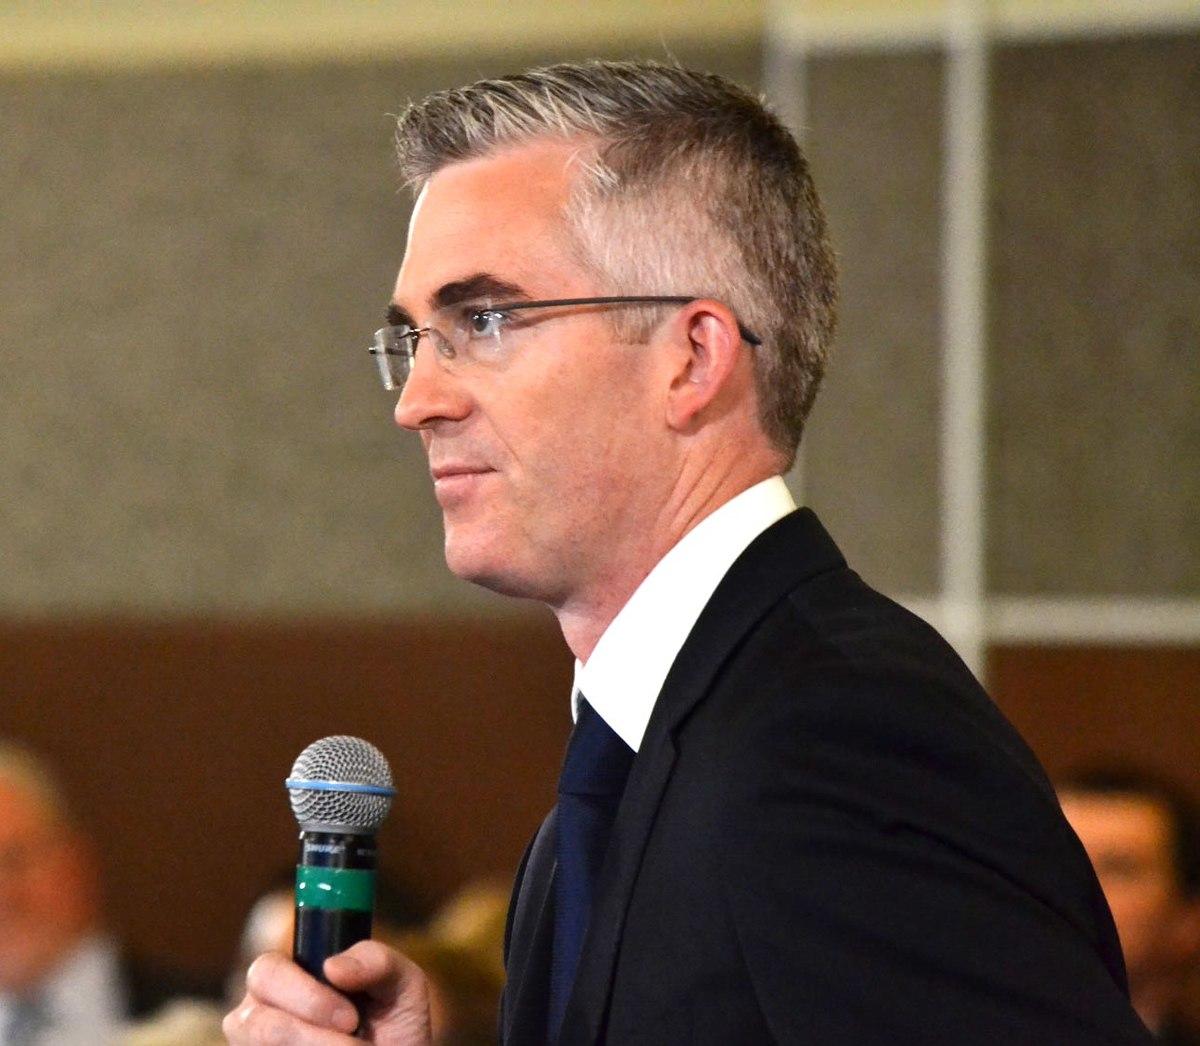 David Speers - Wikipedia